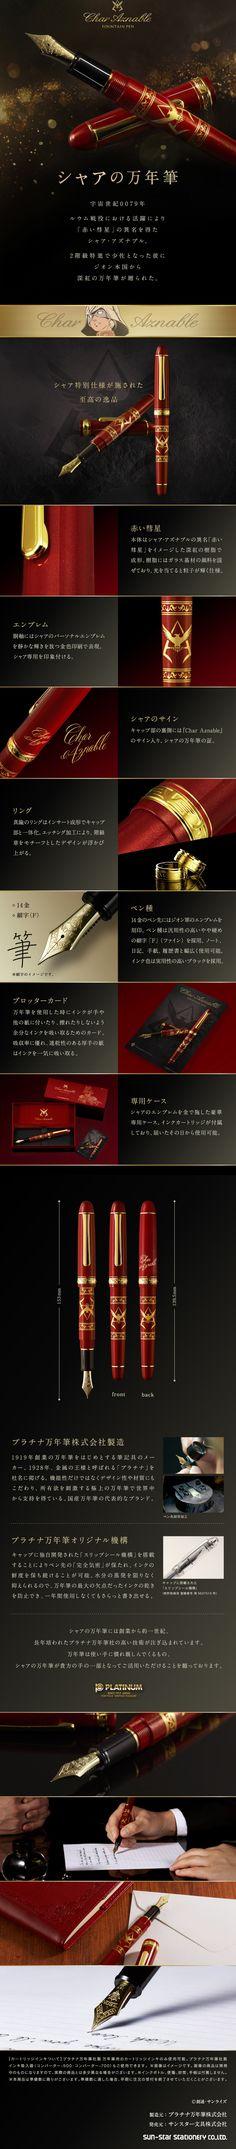 機動戦士ガンダム シャアの万年筆 Web Design, Flyer Design, House Design, Web Colors, Best Ads, Brochure Cover, Japanese Design, Web Banner, Portfolio Design